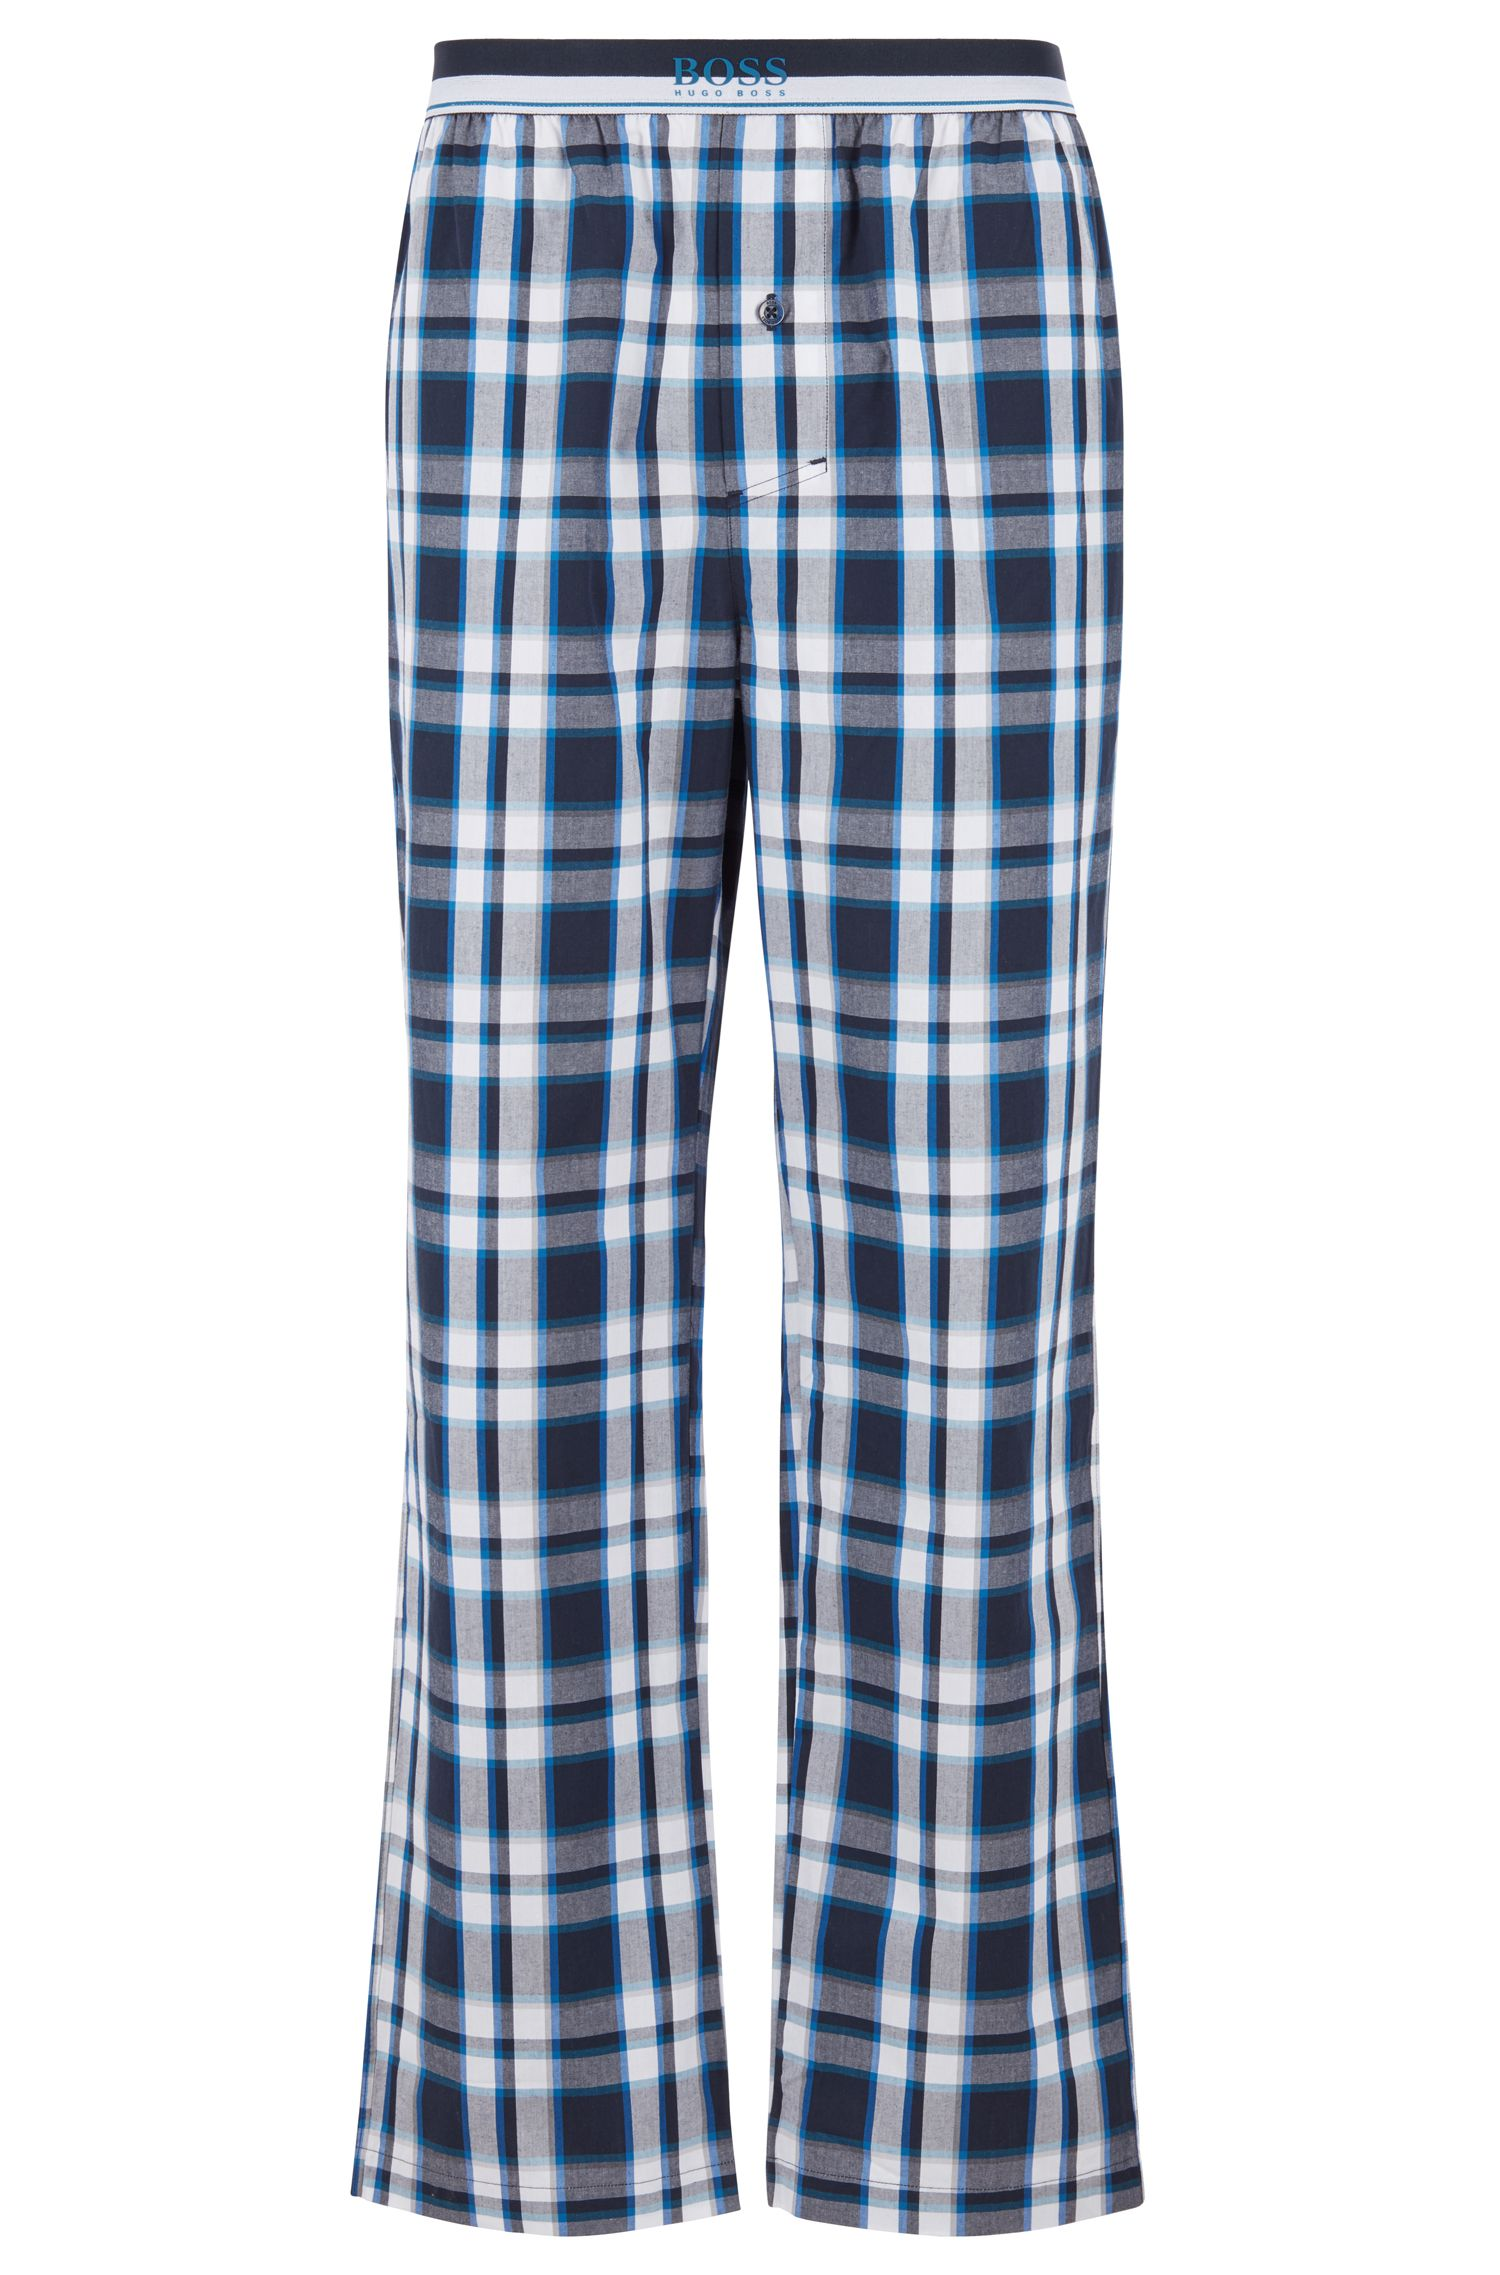 Pantaloni del pigiama in popeline di cotone a quadri, Blu